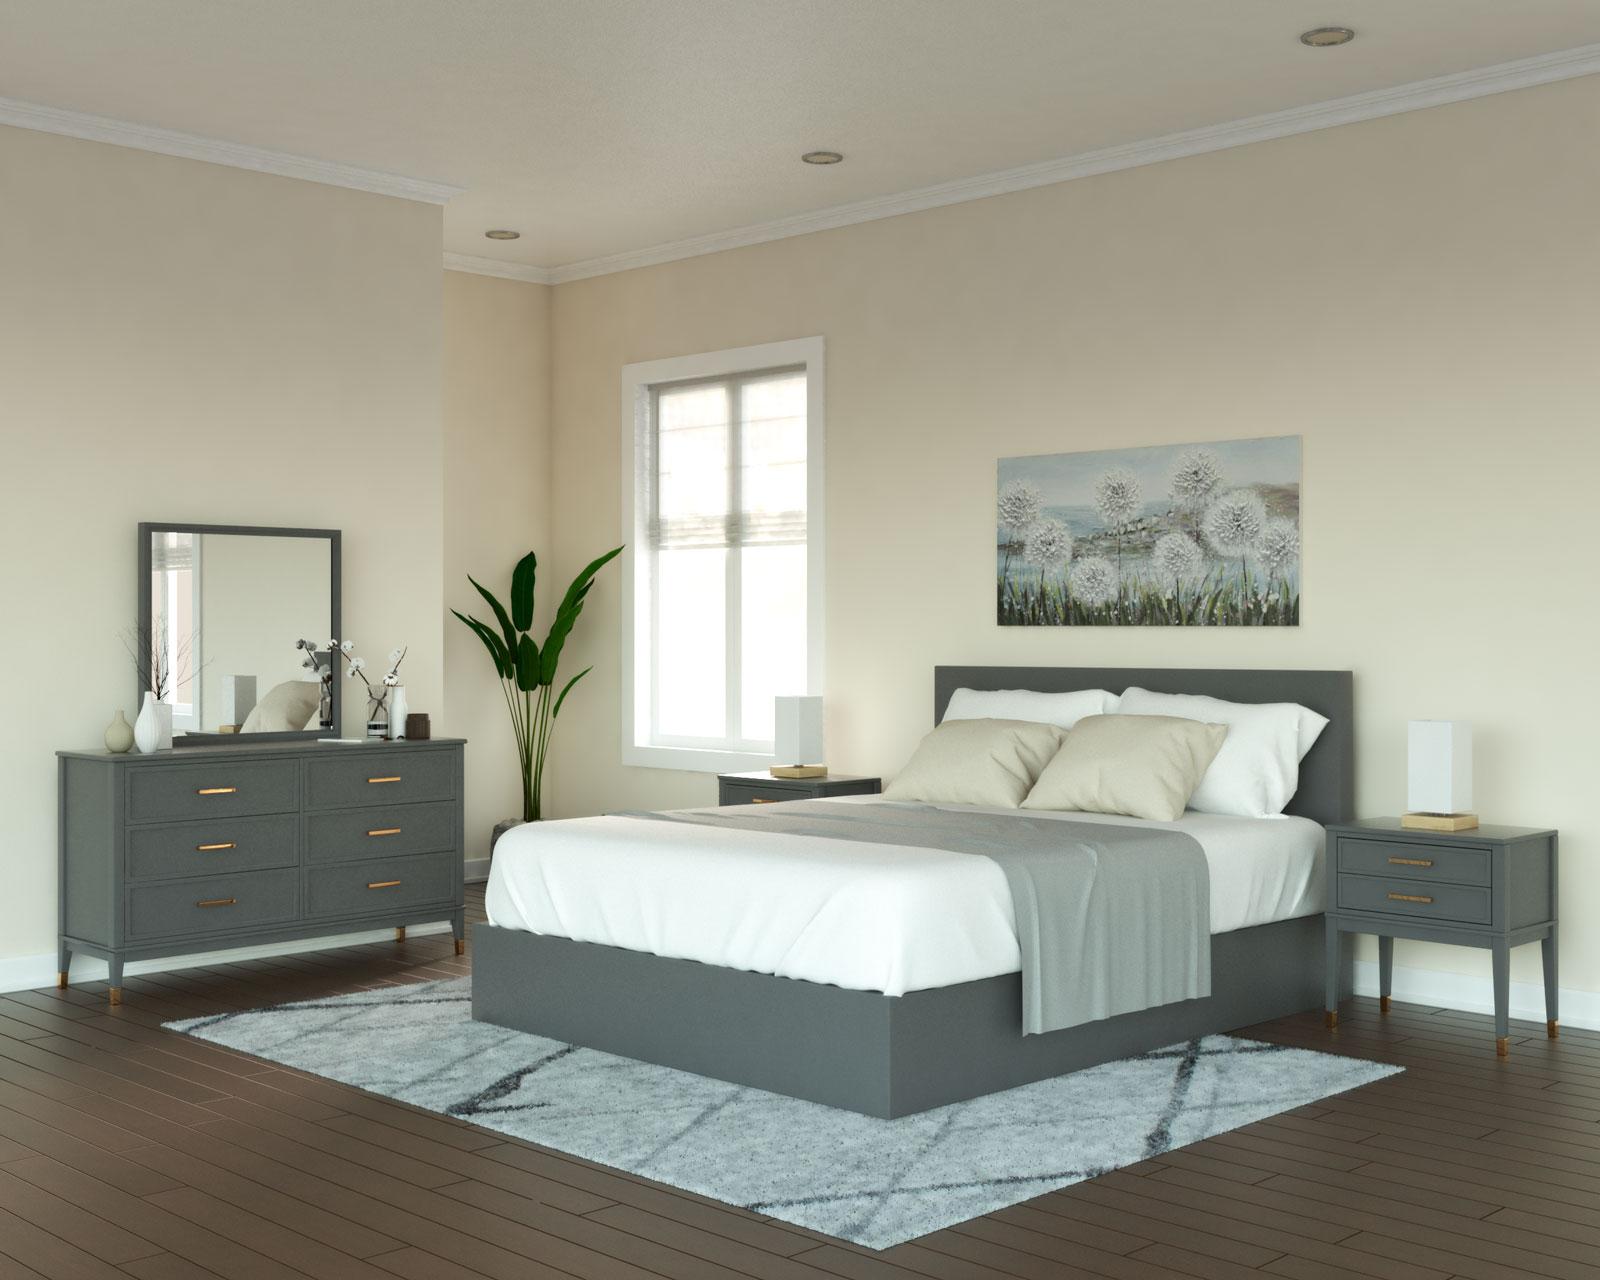 Beige walls with dark gray furniture